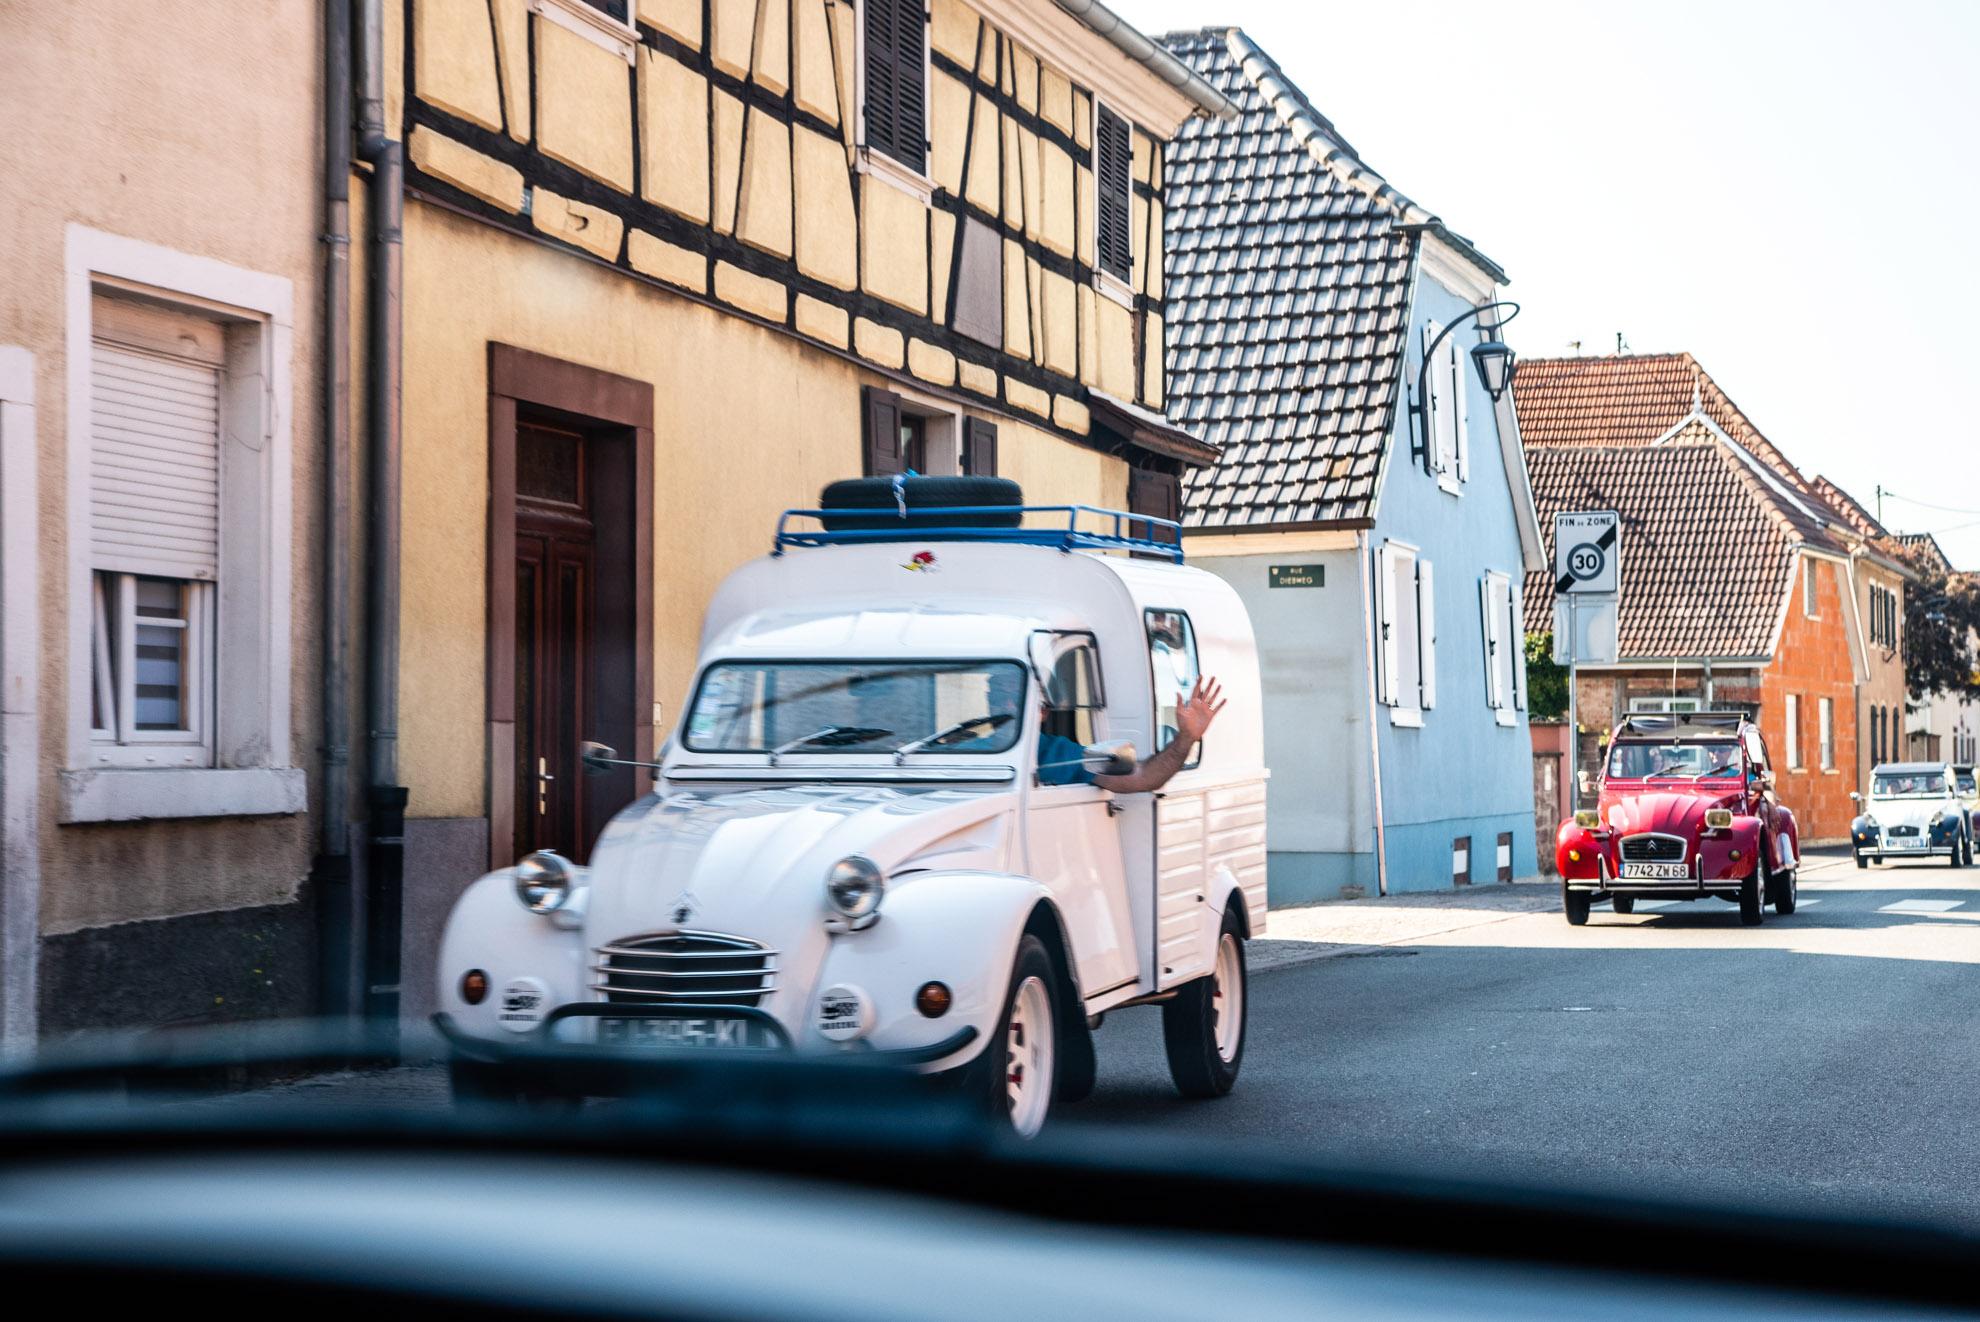 Zlot Citroënów 2CV gdzieś na grogach Alzacji